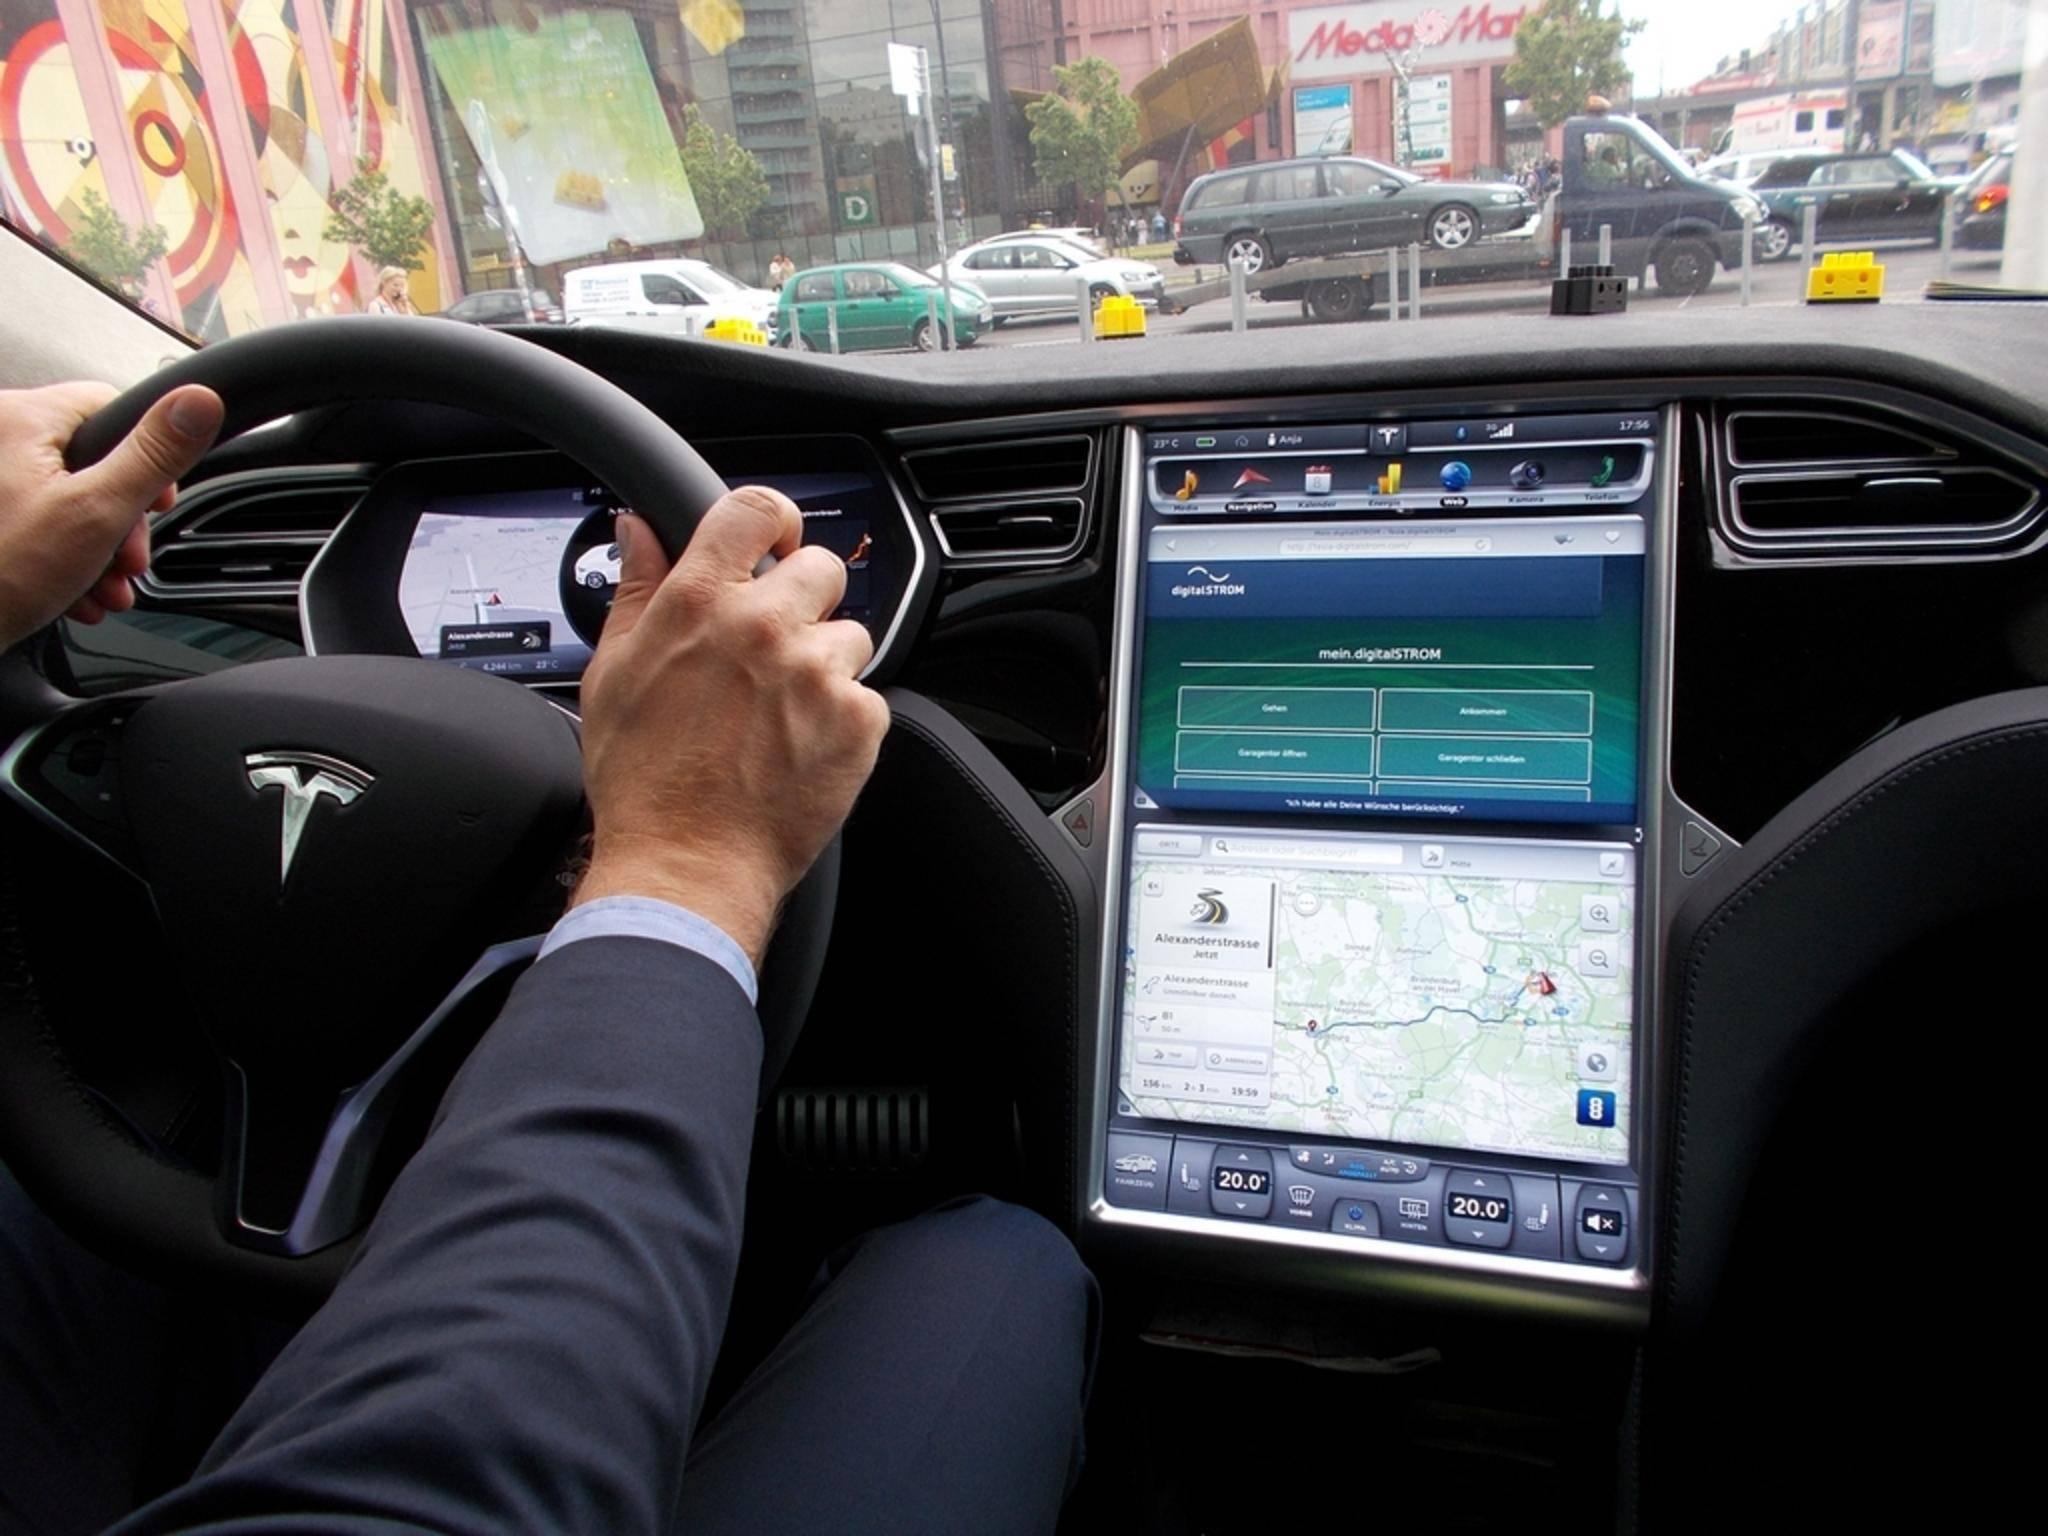 Fahrzeuge von Tesla sollen in Zukunft autonom fahren können.